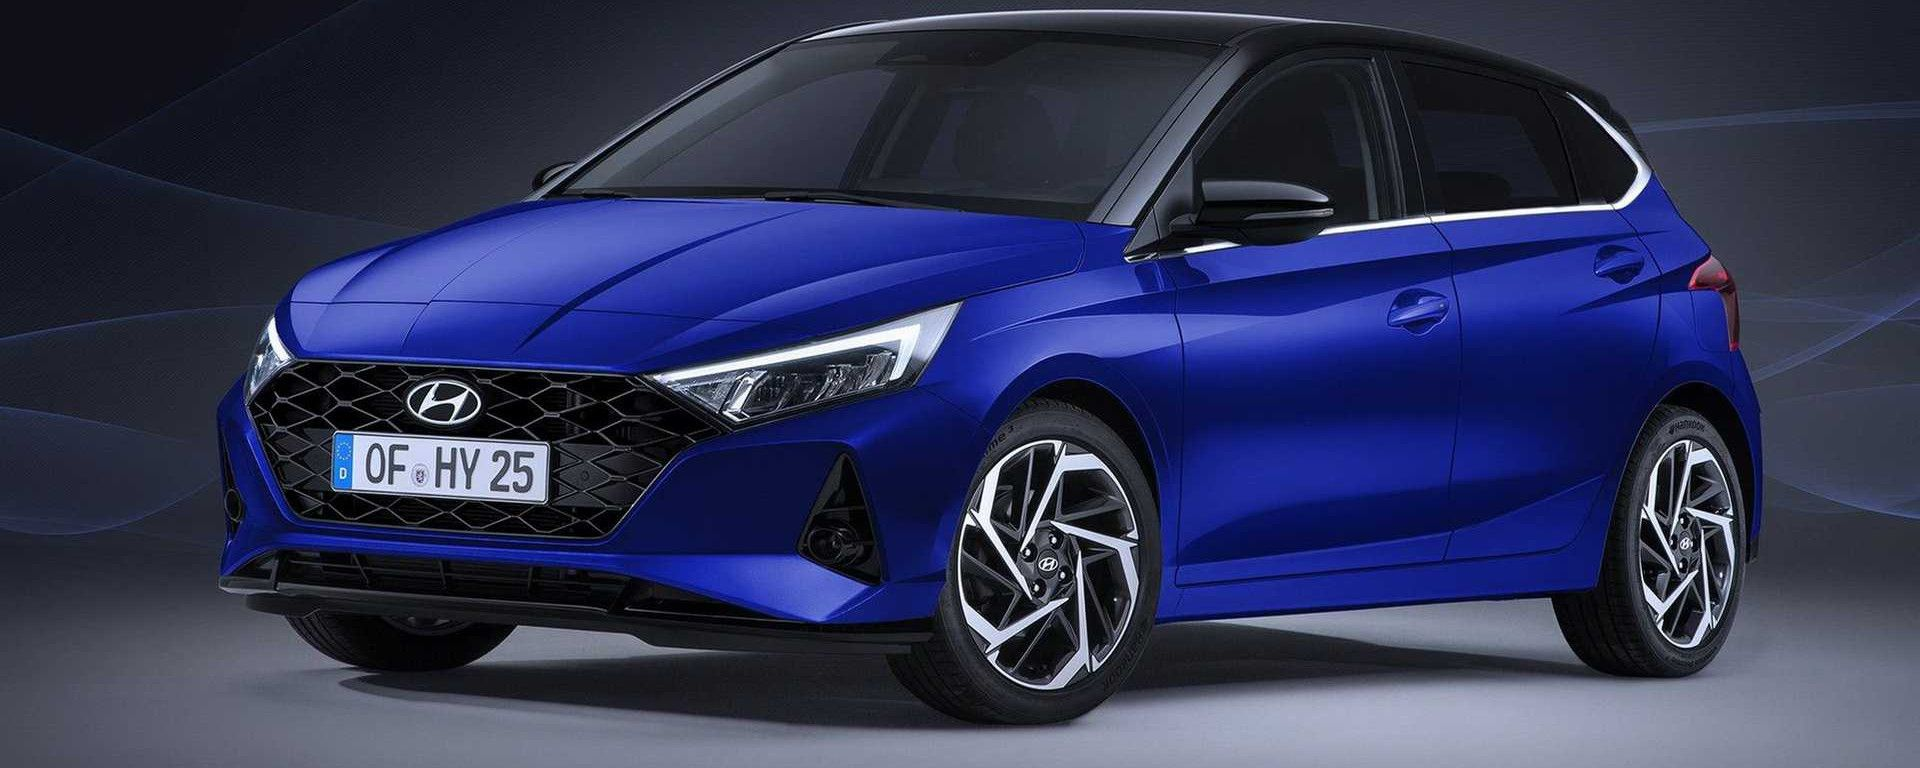 Hyundai i20 2020: visuale di 3/4 anteriore